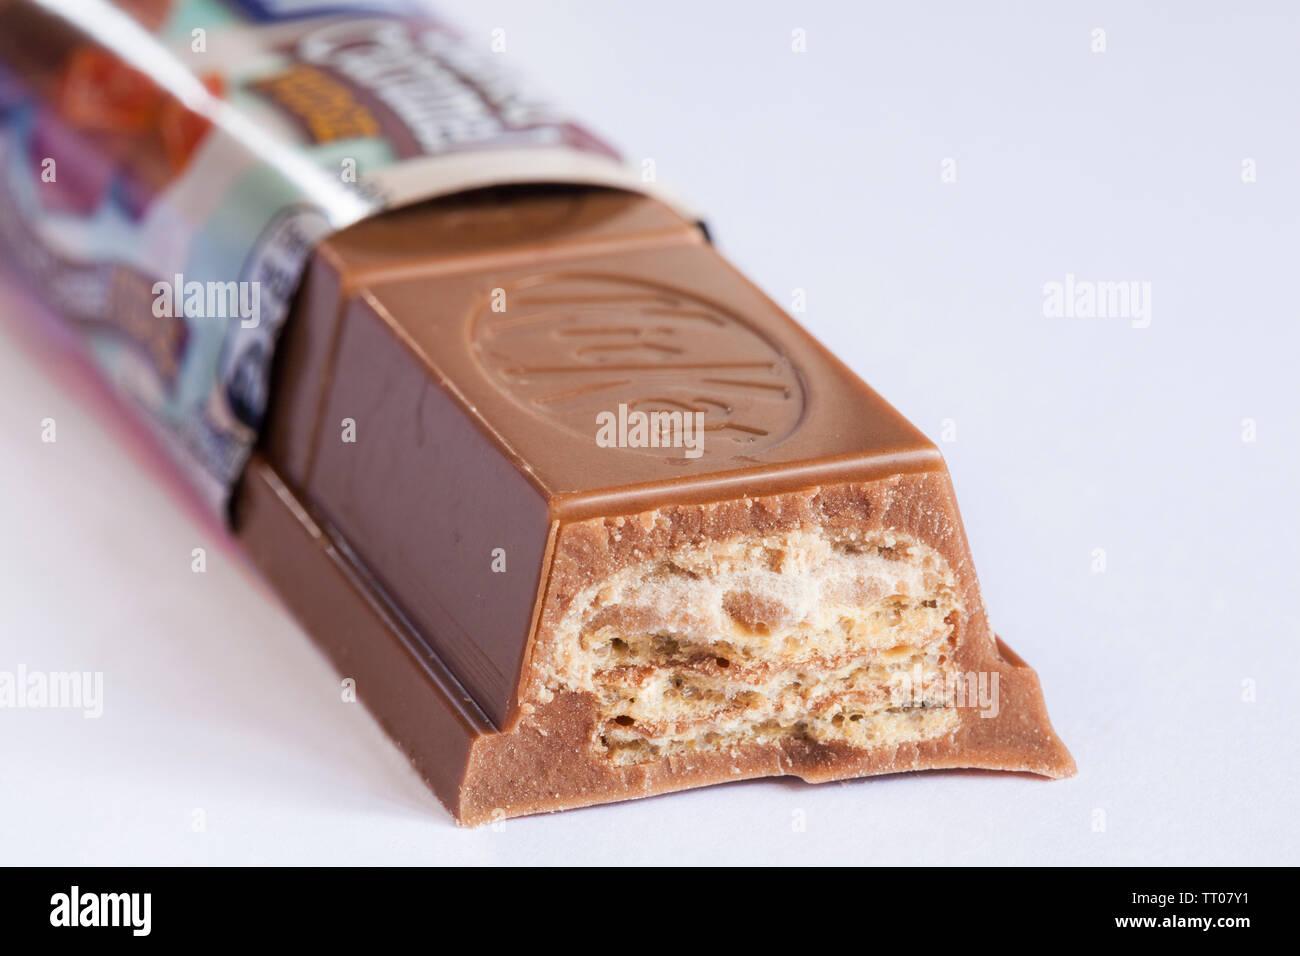 Nestle KitKat chunky salted caramel fudge bar opened to show contents set on white background - kit kat - Stock Image